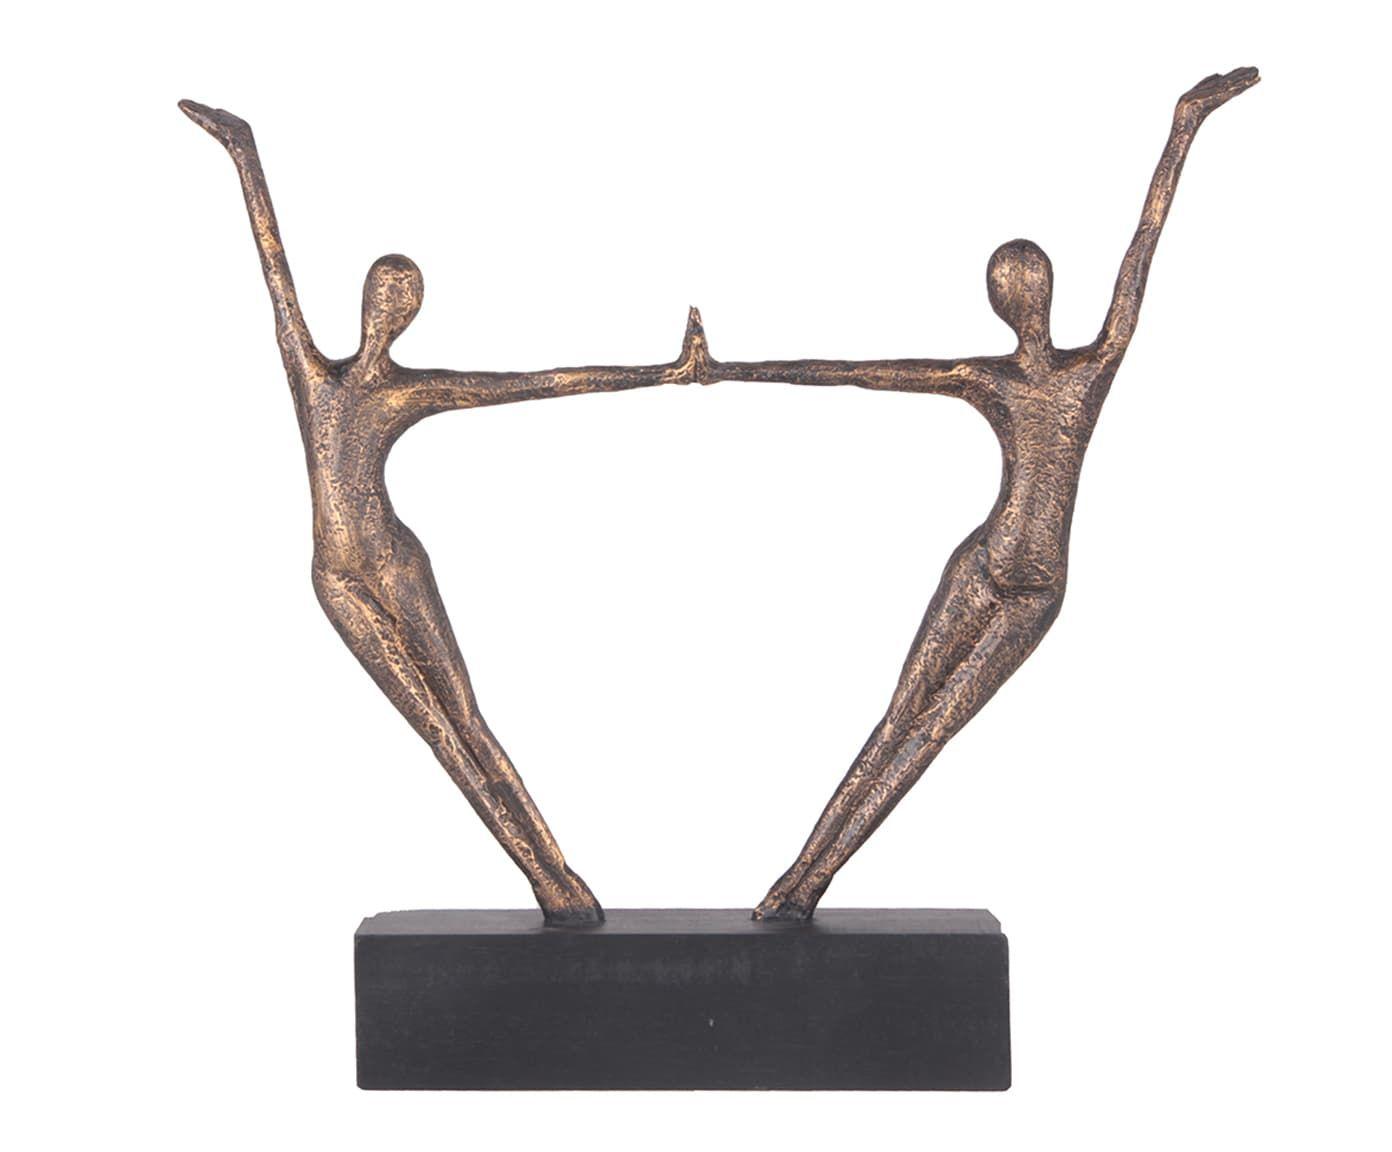 Adorno Dancing Dourado - 51X55cm   Westwing.com.br